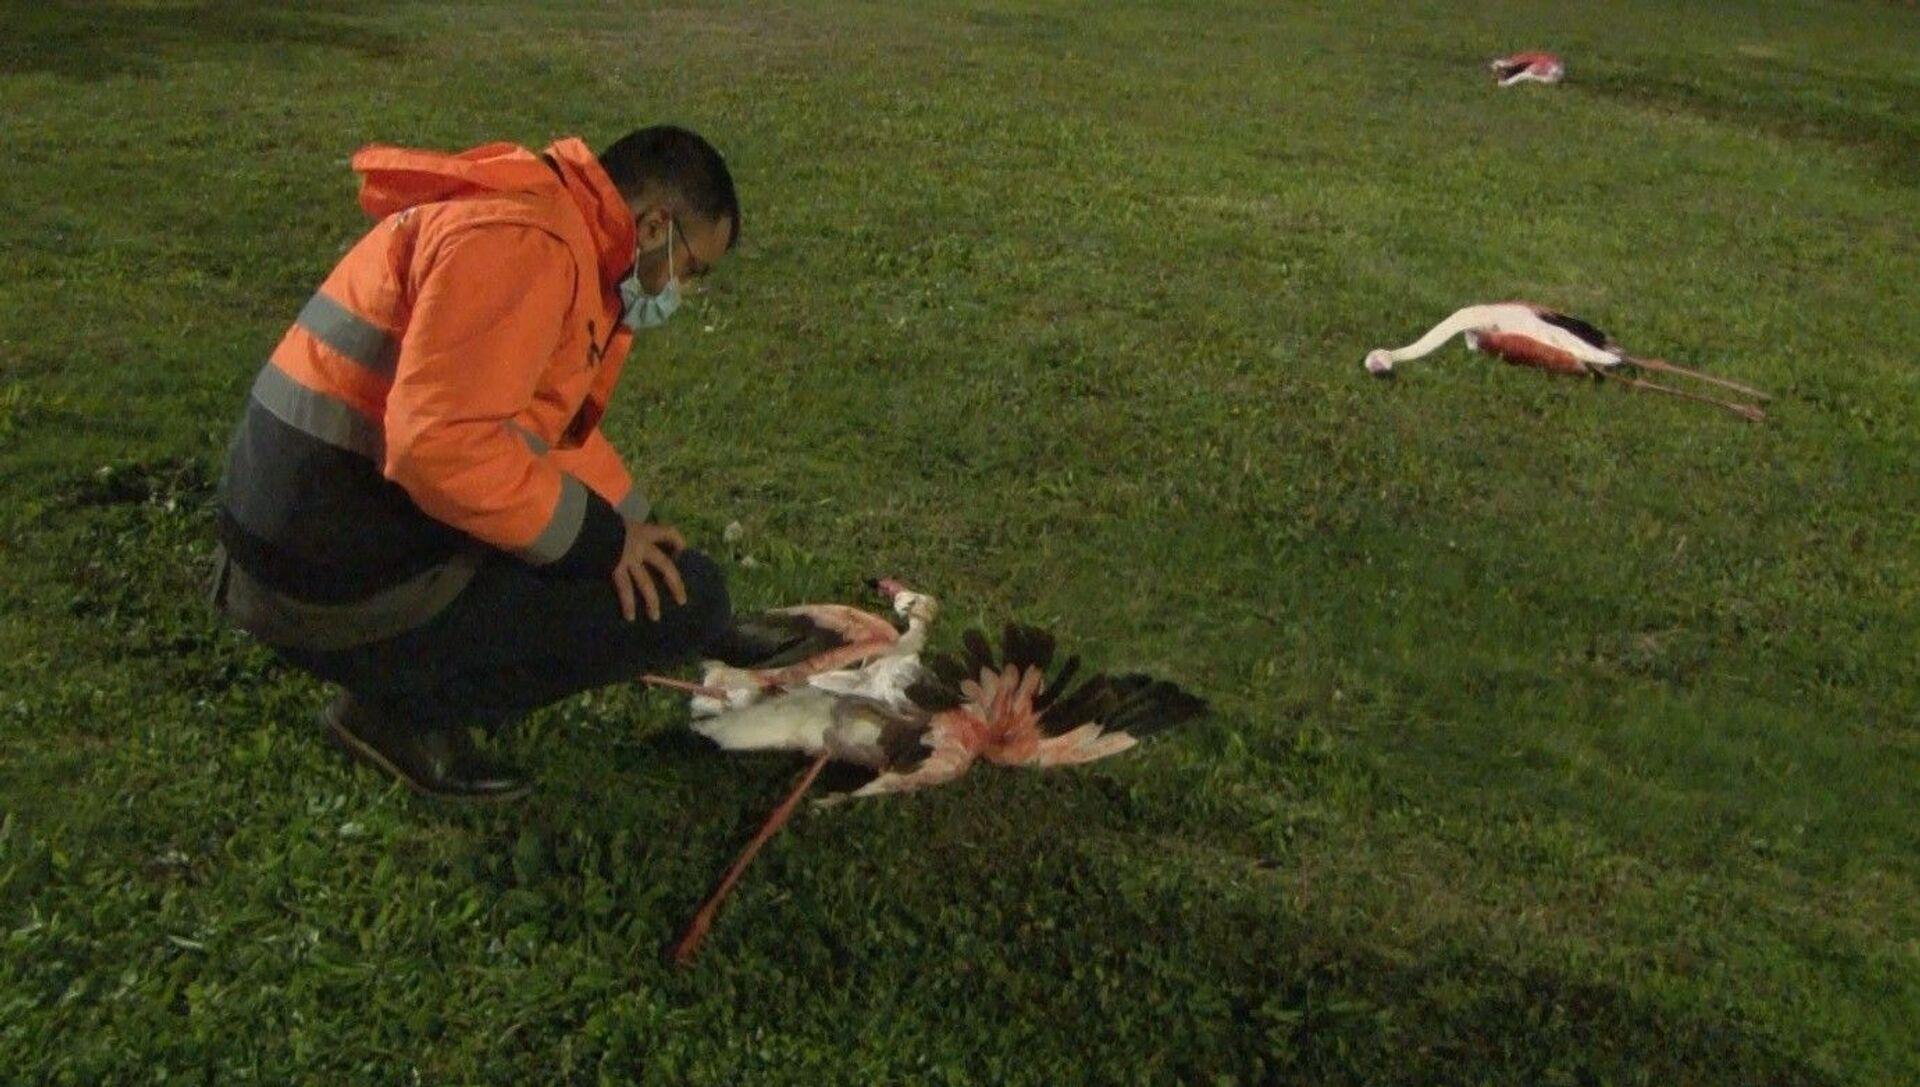 İzmir'in özellikle Çiğli ilçesinde yaşayan ve ilçenin sembolü olan flamingoların Bayraklı sahilindeki toplu ölümü endişe uyandırdı. Sahilde telef olmuş halde bulunan 9 flamingo, Çiğli Belediyesi ekipleri tarafından toplandı. - Sputnik Türkiye, 1920, 28.03.2021